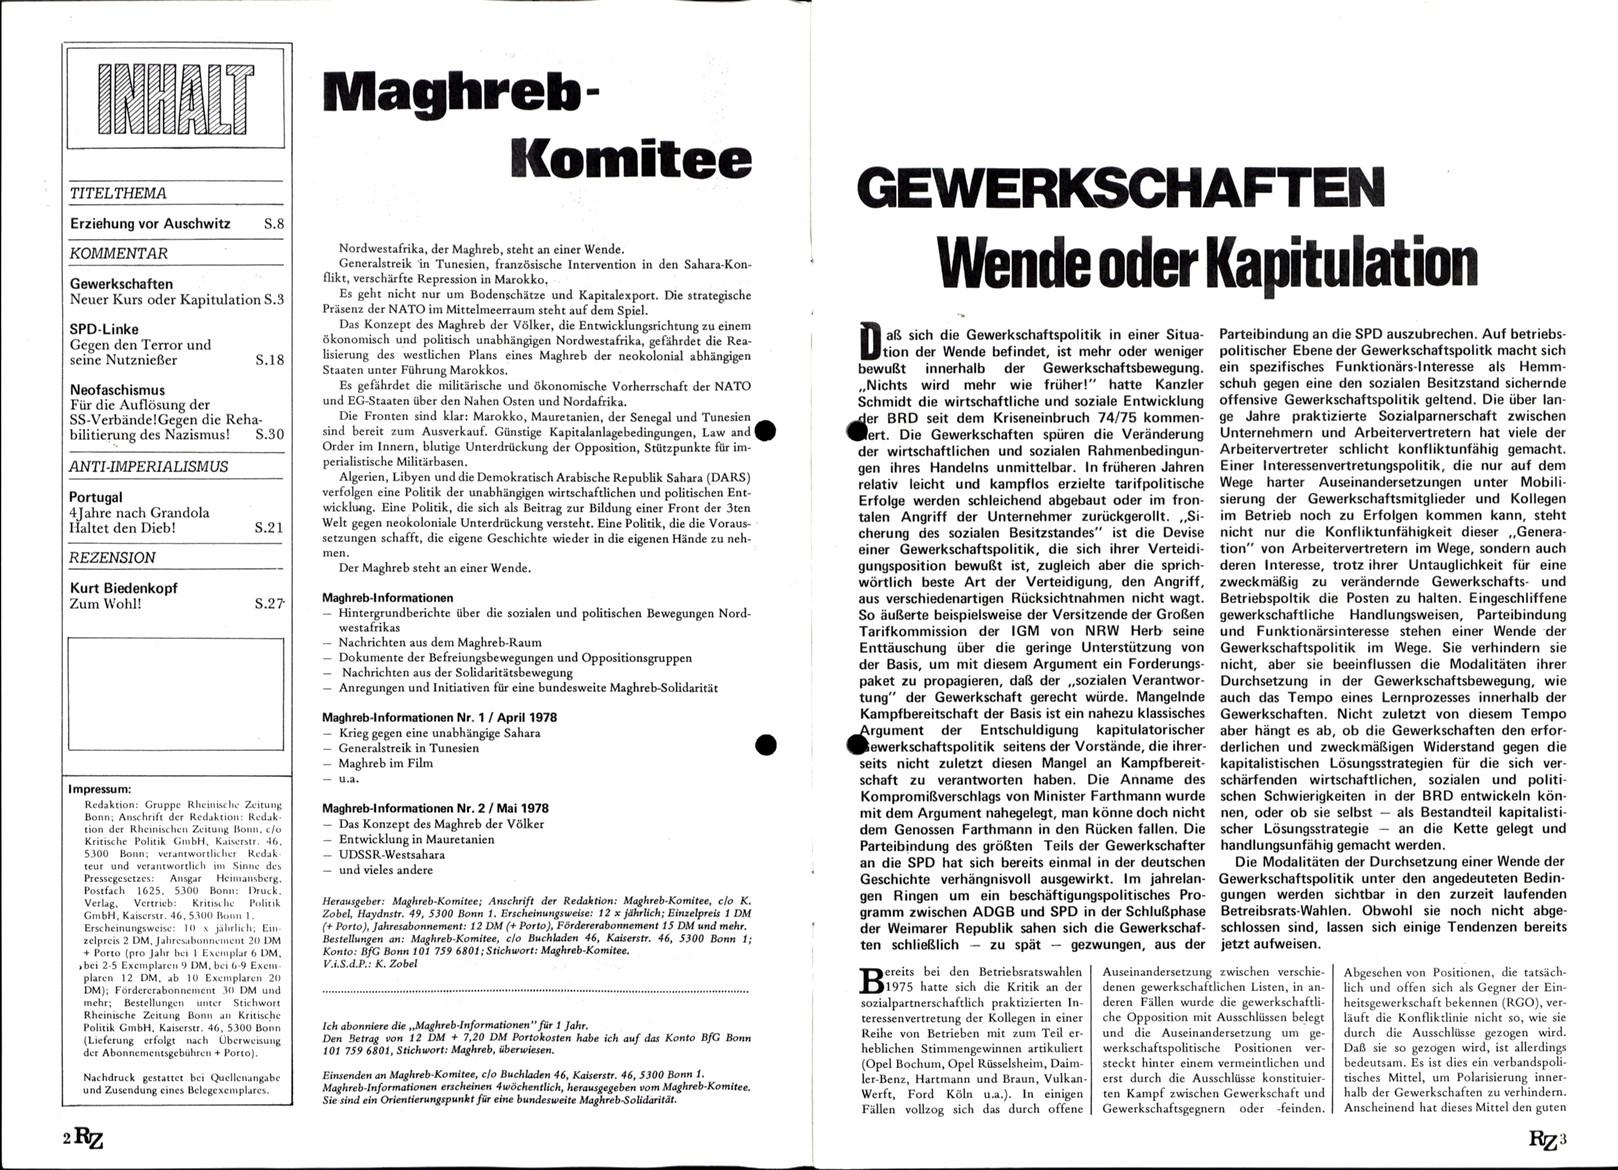 Bonn_RZ_15_19780500_02